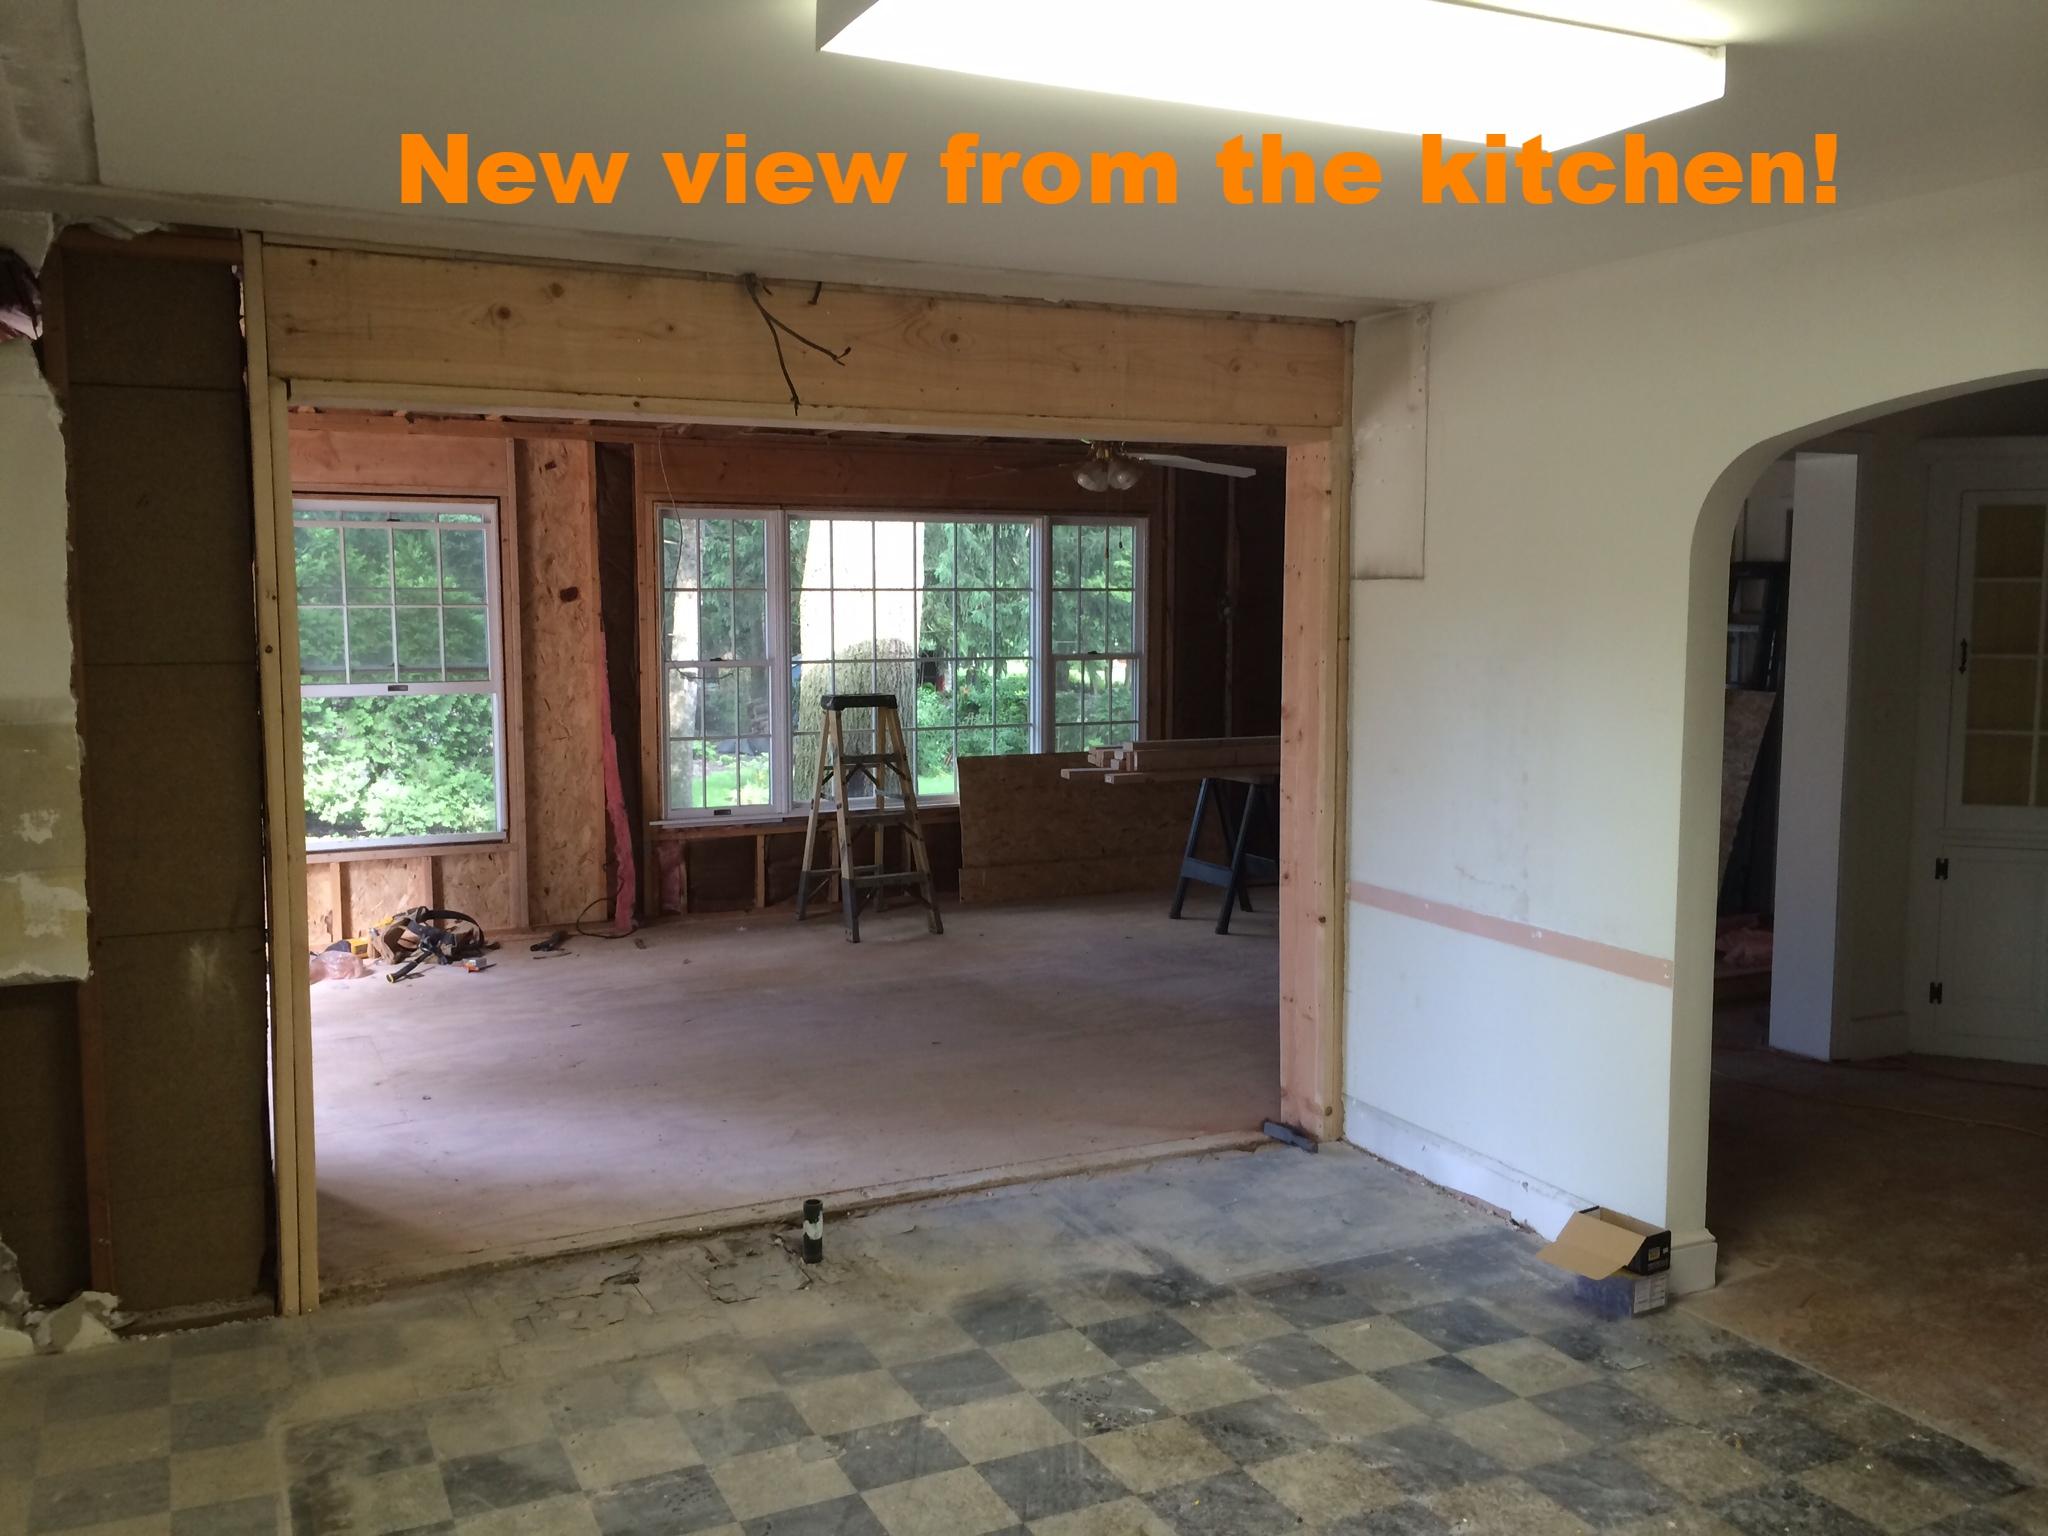 New kitchen view.JPG